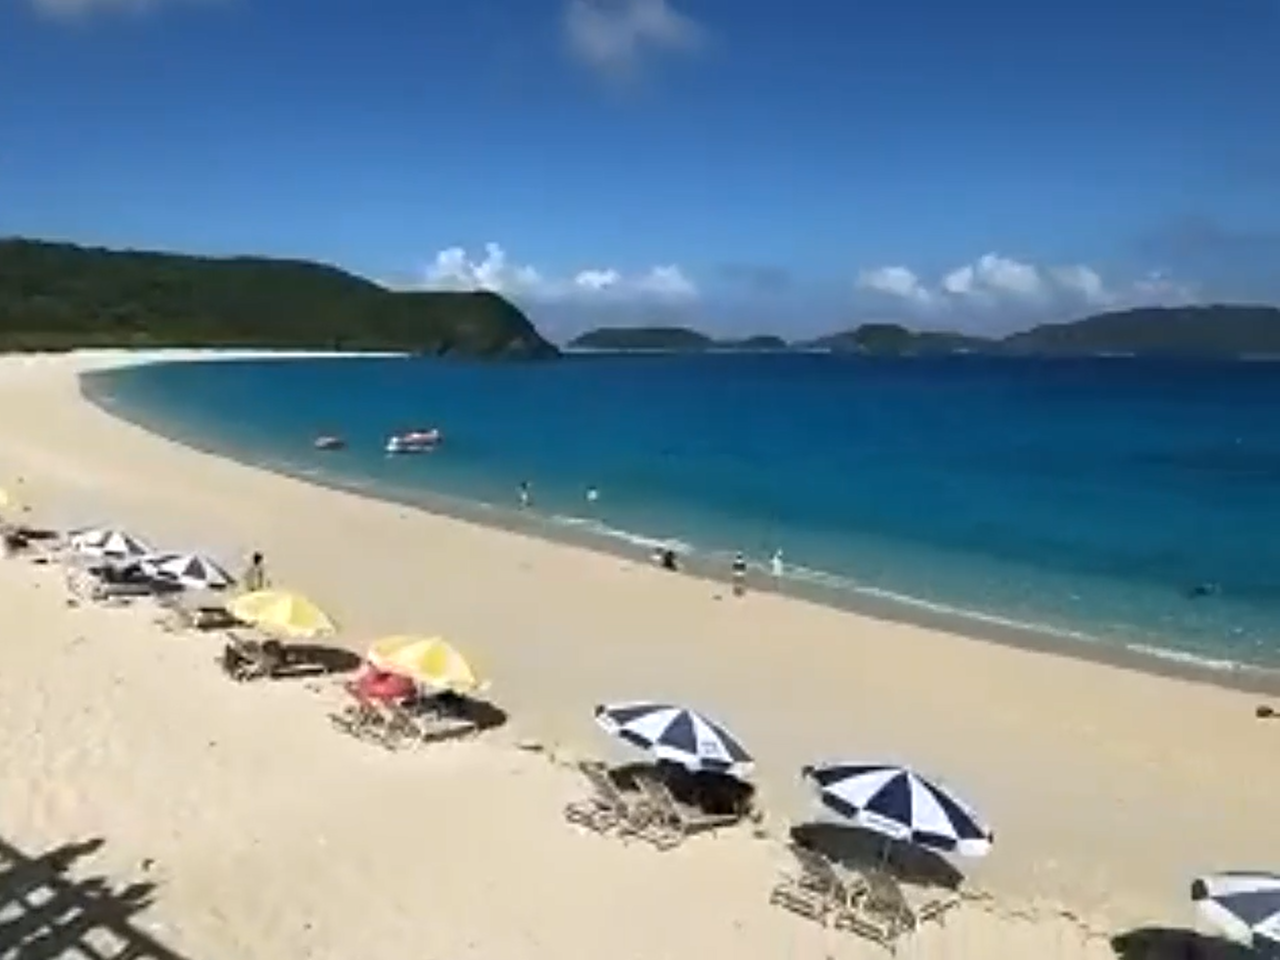 磯の香りがしないというビーチ。「あれは、海面に浮かんでいたり、砂浜に打ちあがったりした海藻のにおいなんです。ここには海藻がありませんから」(大坪さん)